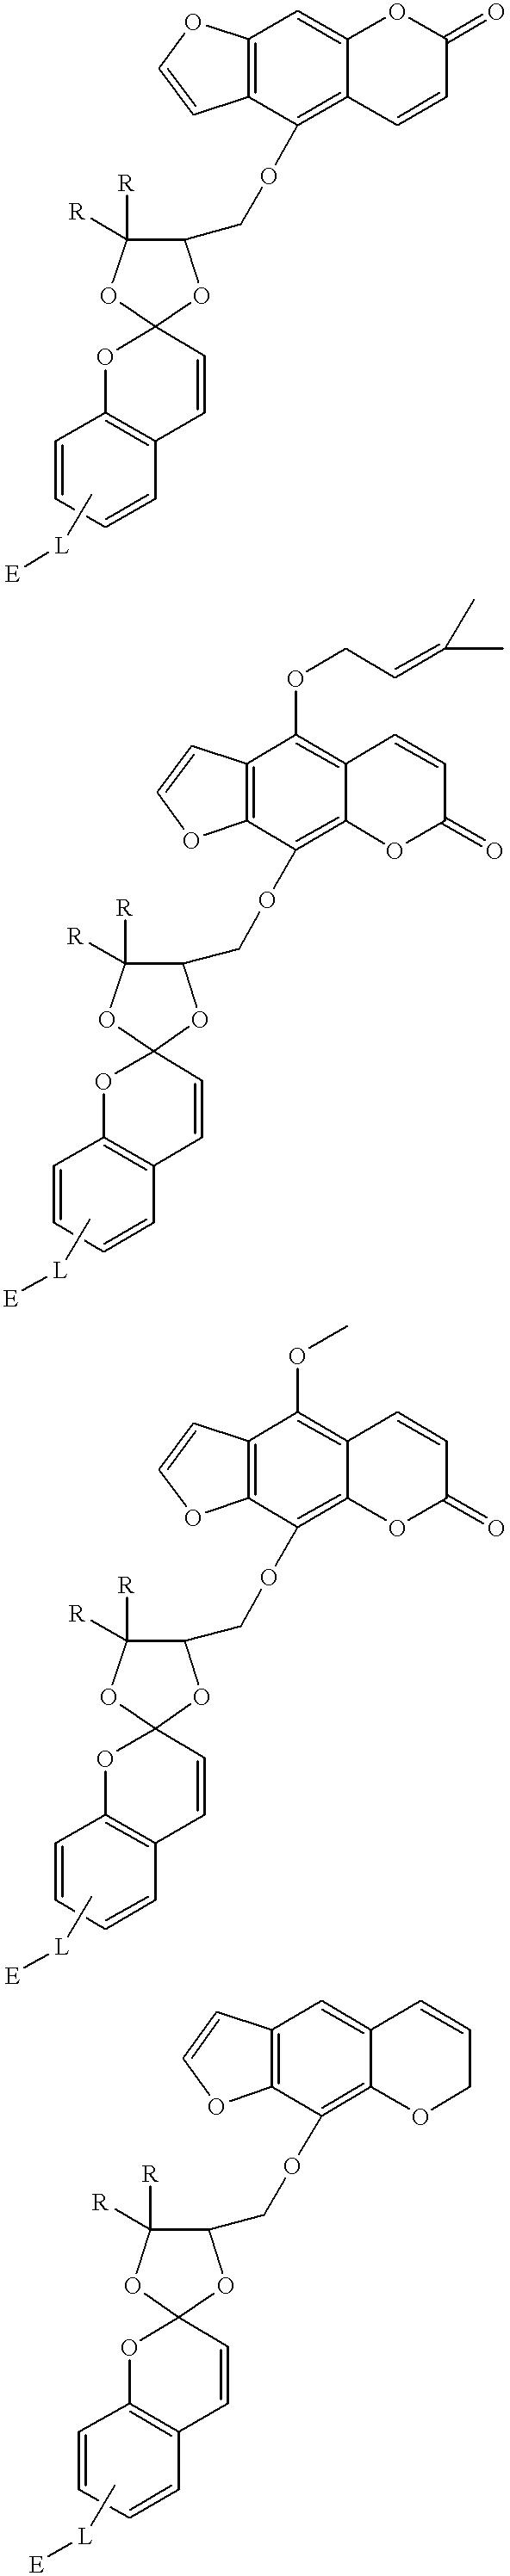 Figure US06248776-20010619-C00012